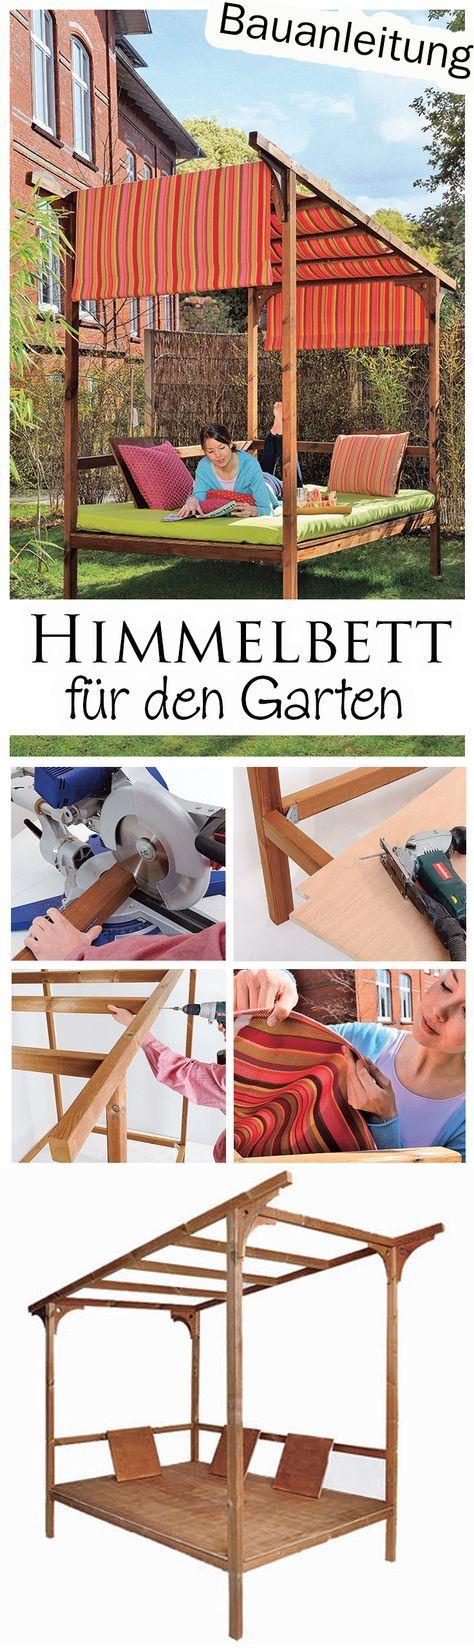 Daybed outdoor selber bauen  Die besten 25+ Daybed garten Ideen auf Pinterest | Daybed outdoor ...